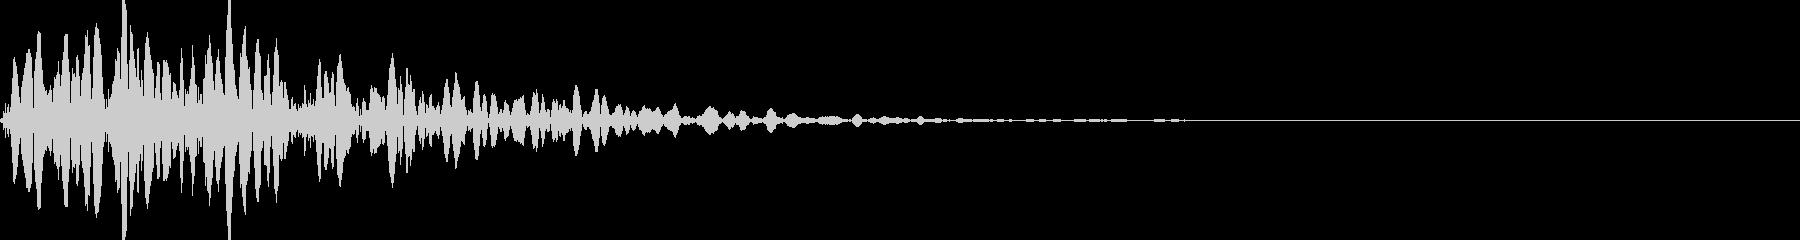 ドスン(ロボットの足音)の未再生の波形